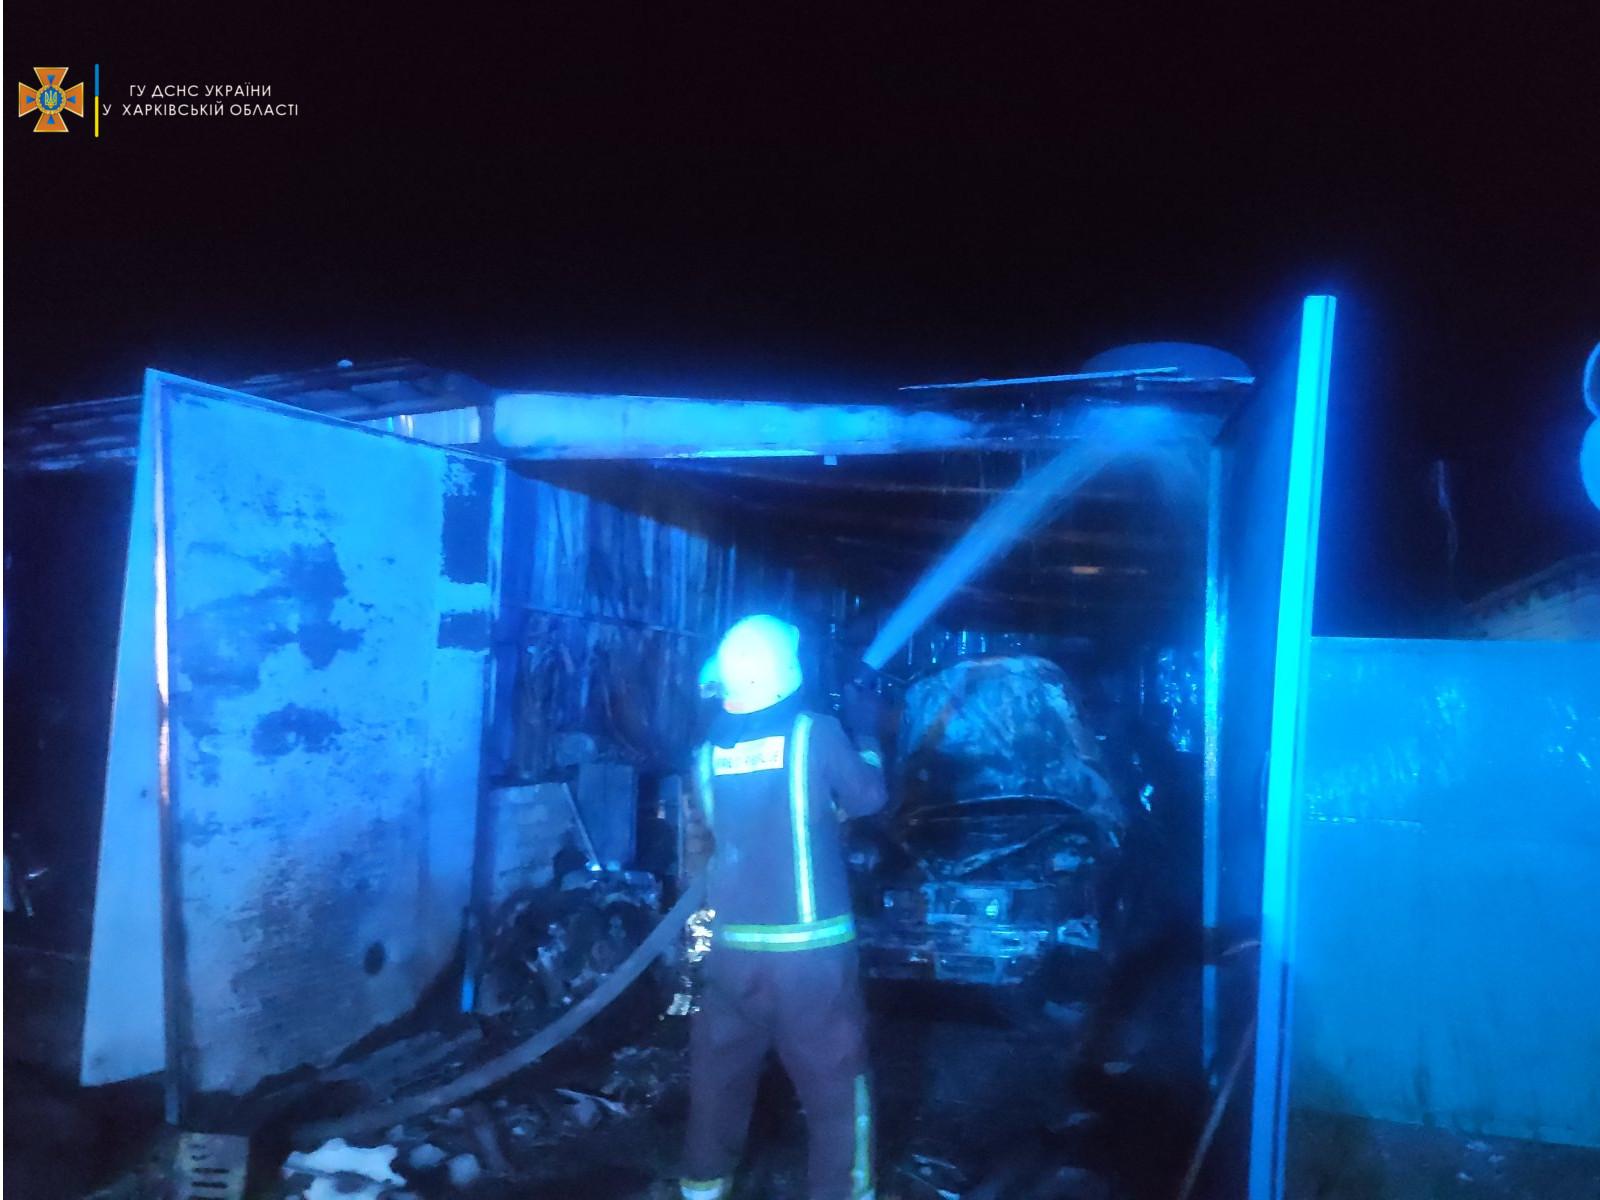 Пожар Харьков: сгорел гараж с двумя авто